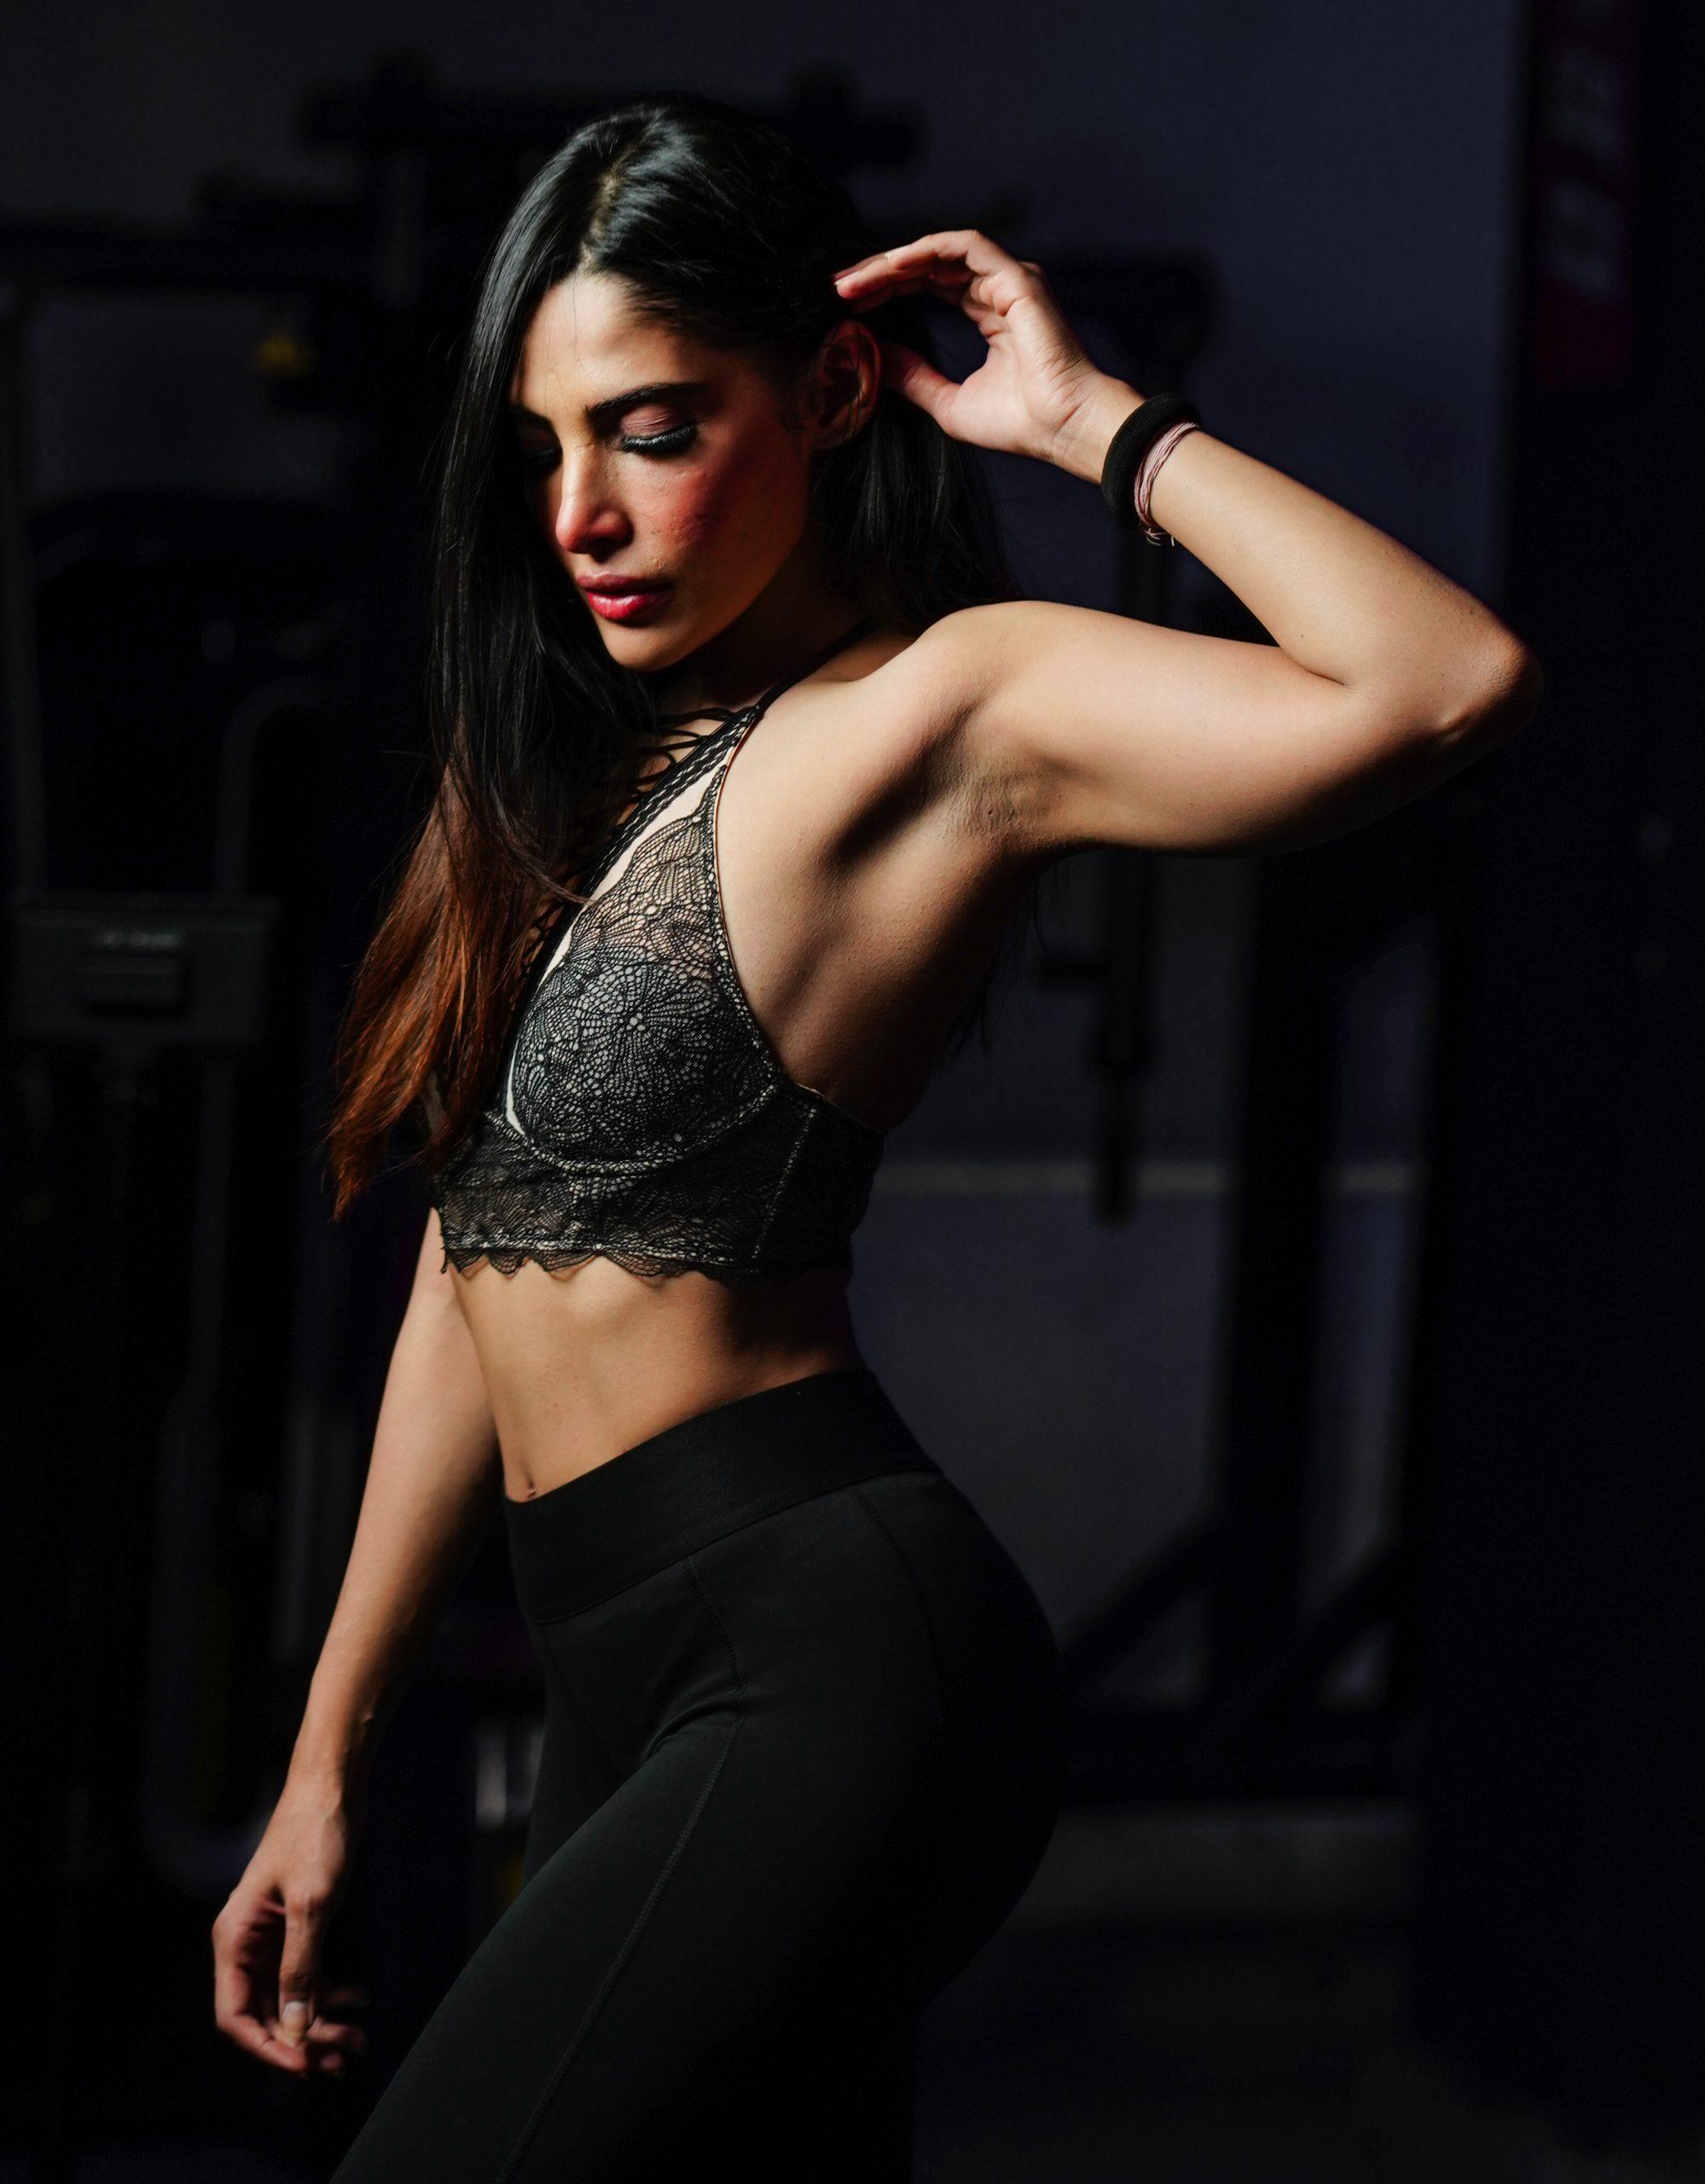 Female pose in black dark background